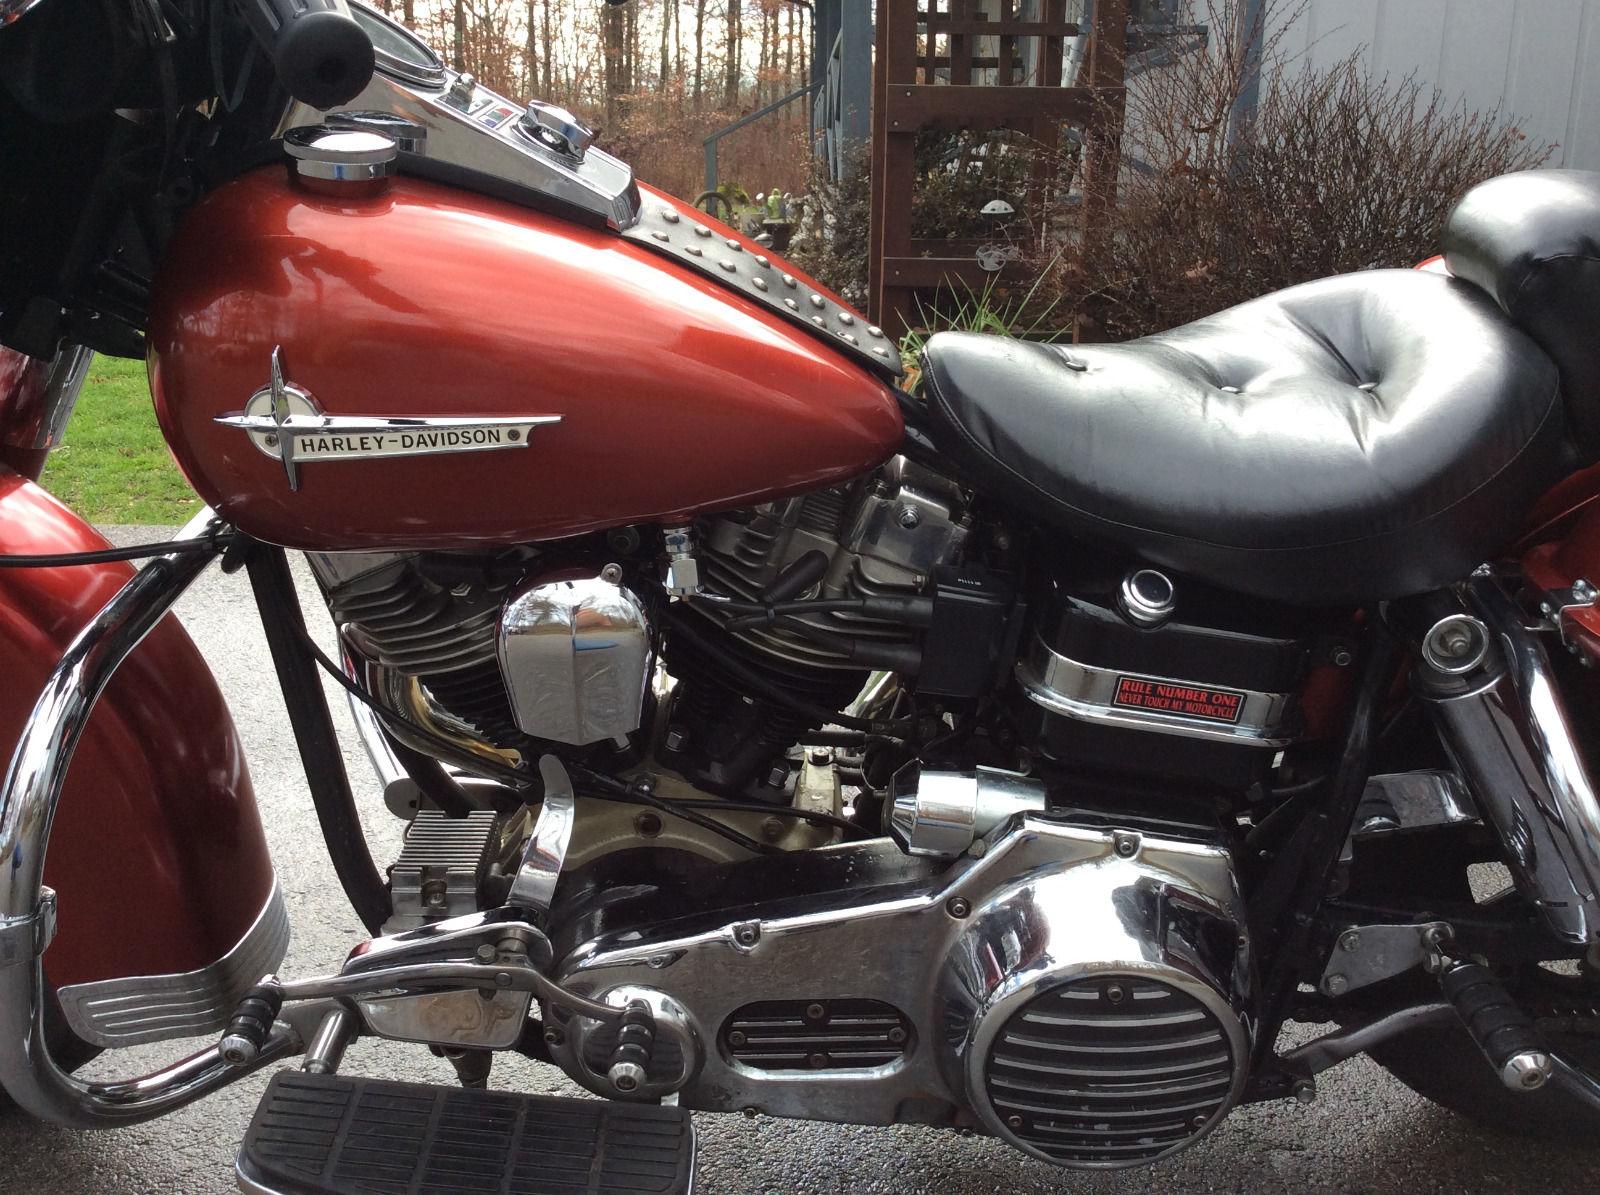 Harley-Davidson Touring - 1973